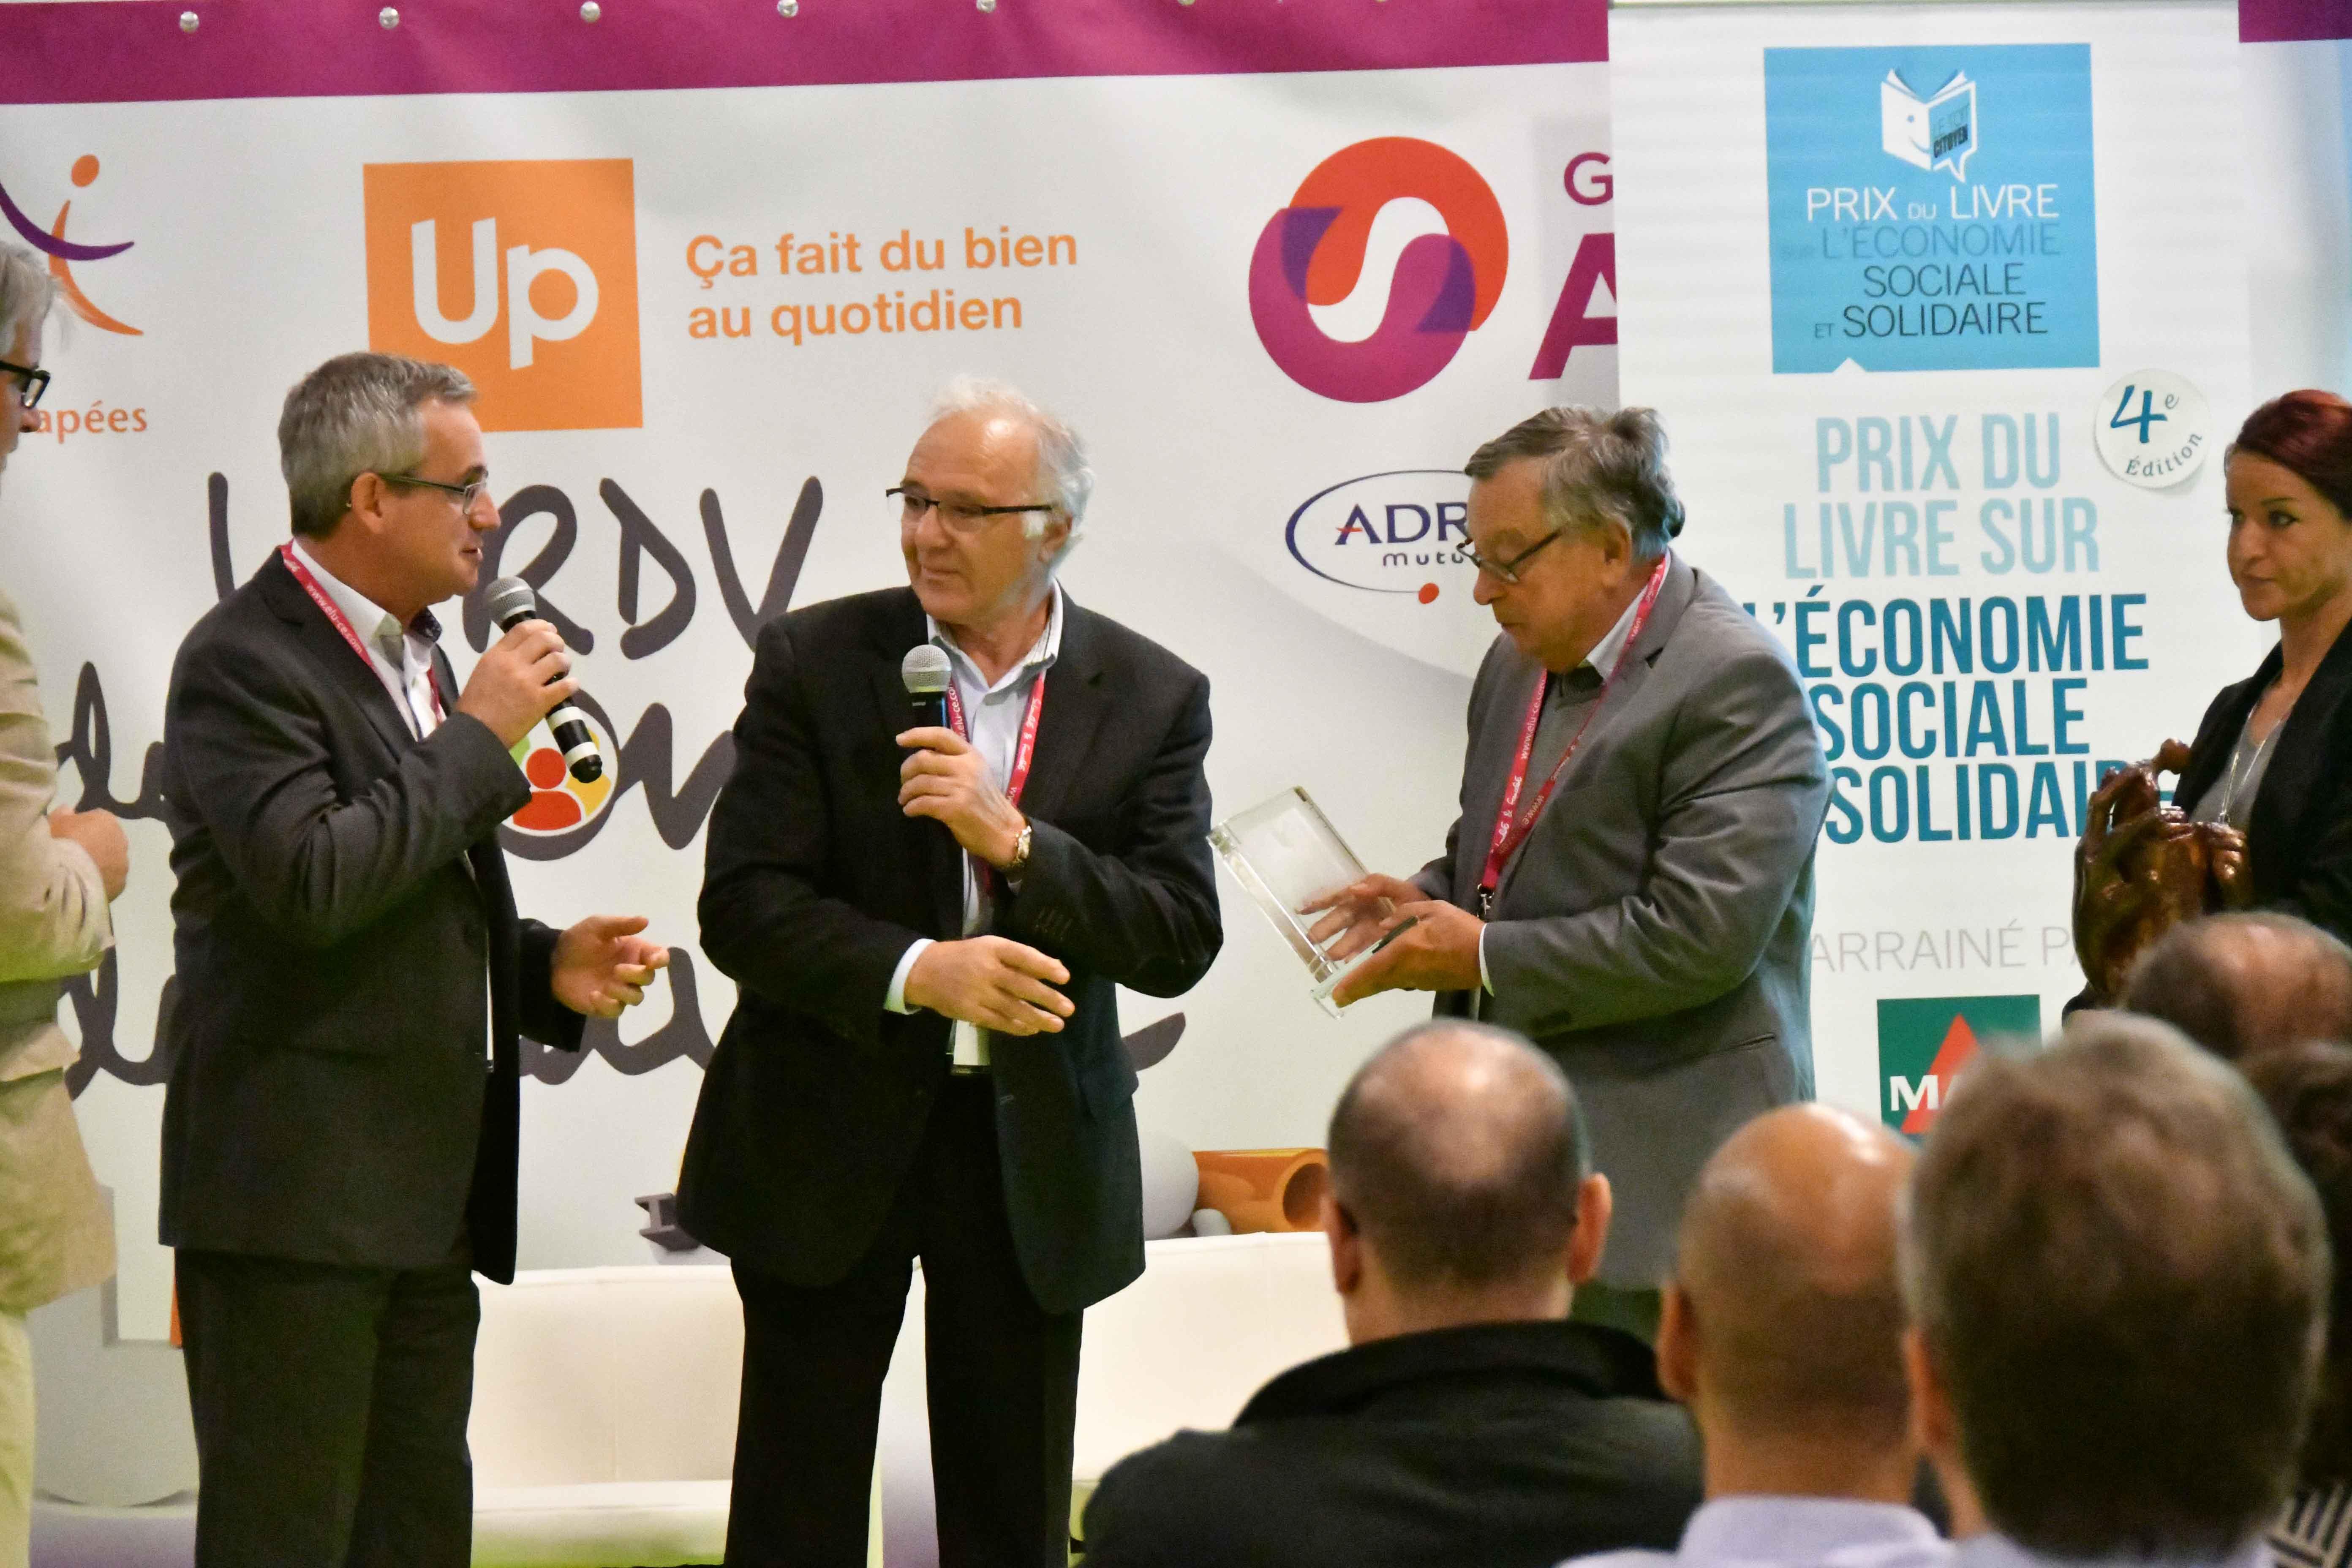 Thierry Monminoux vient de remettre le trophée aux auteurs en se félicitant du choix du jury. Photo : Catherine Cros.